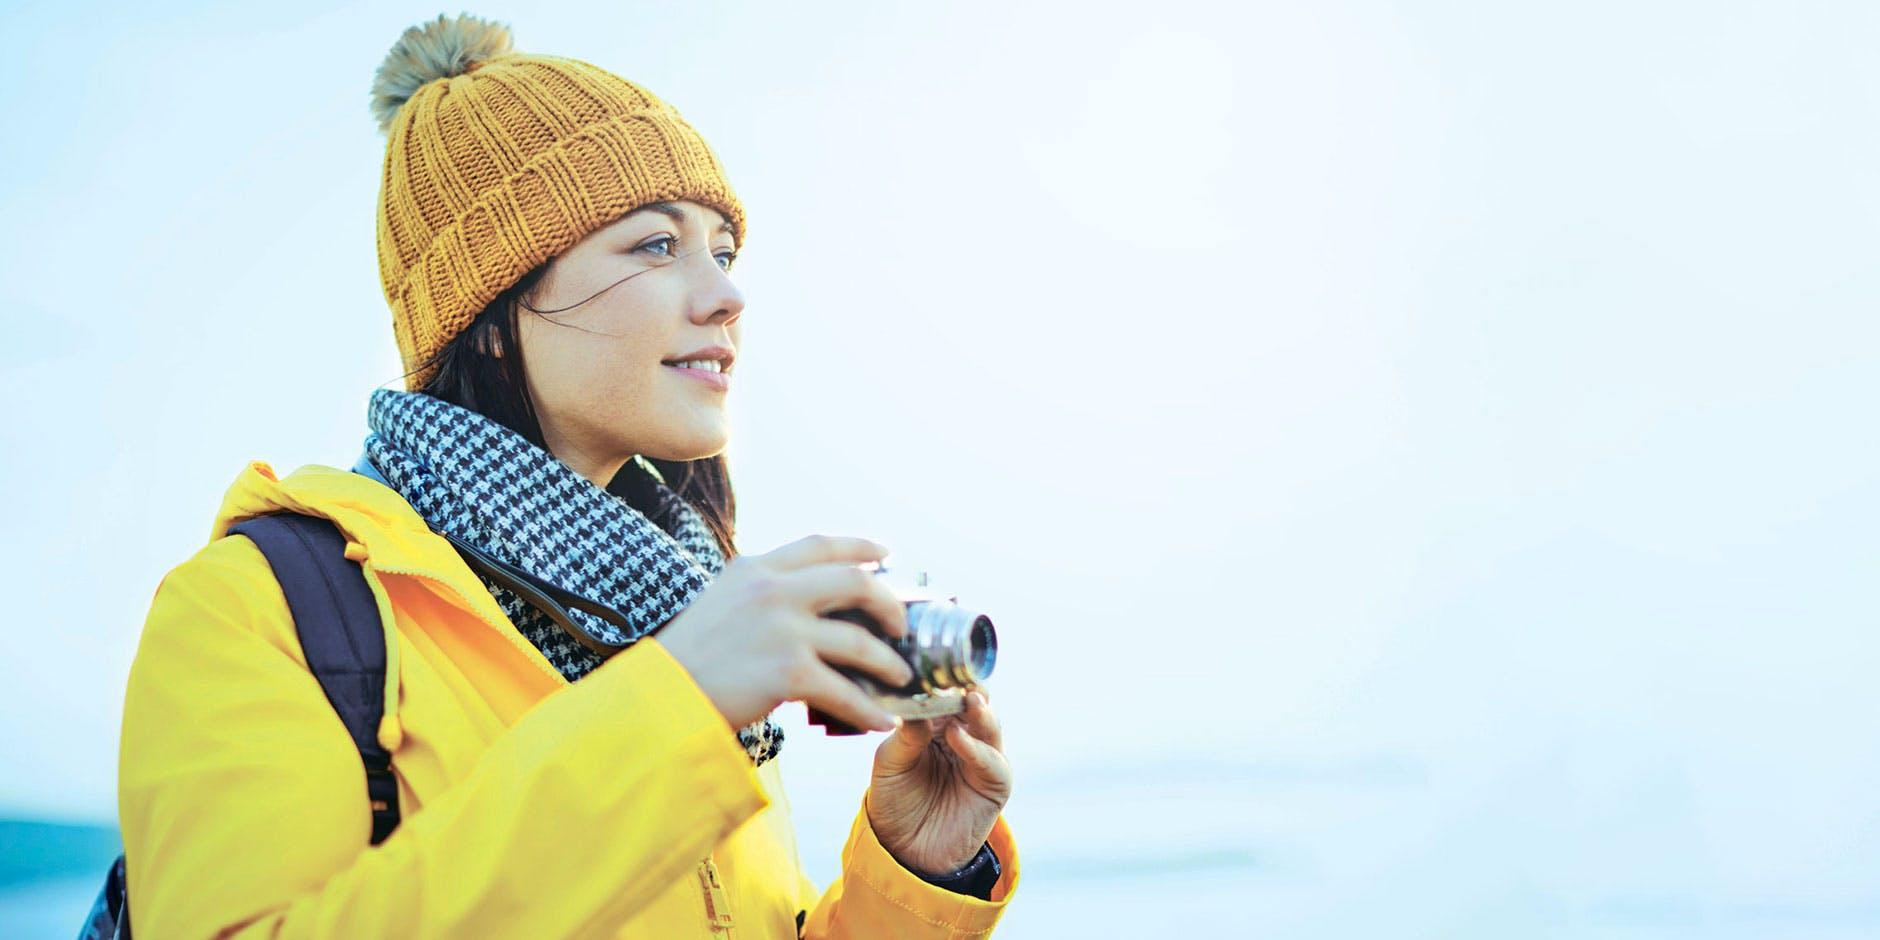 Femme avec un appareil photo soulagée d'une congestion nasale.